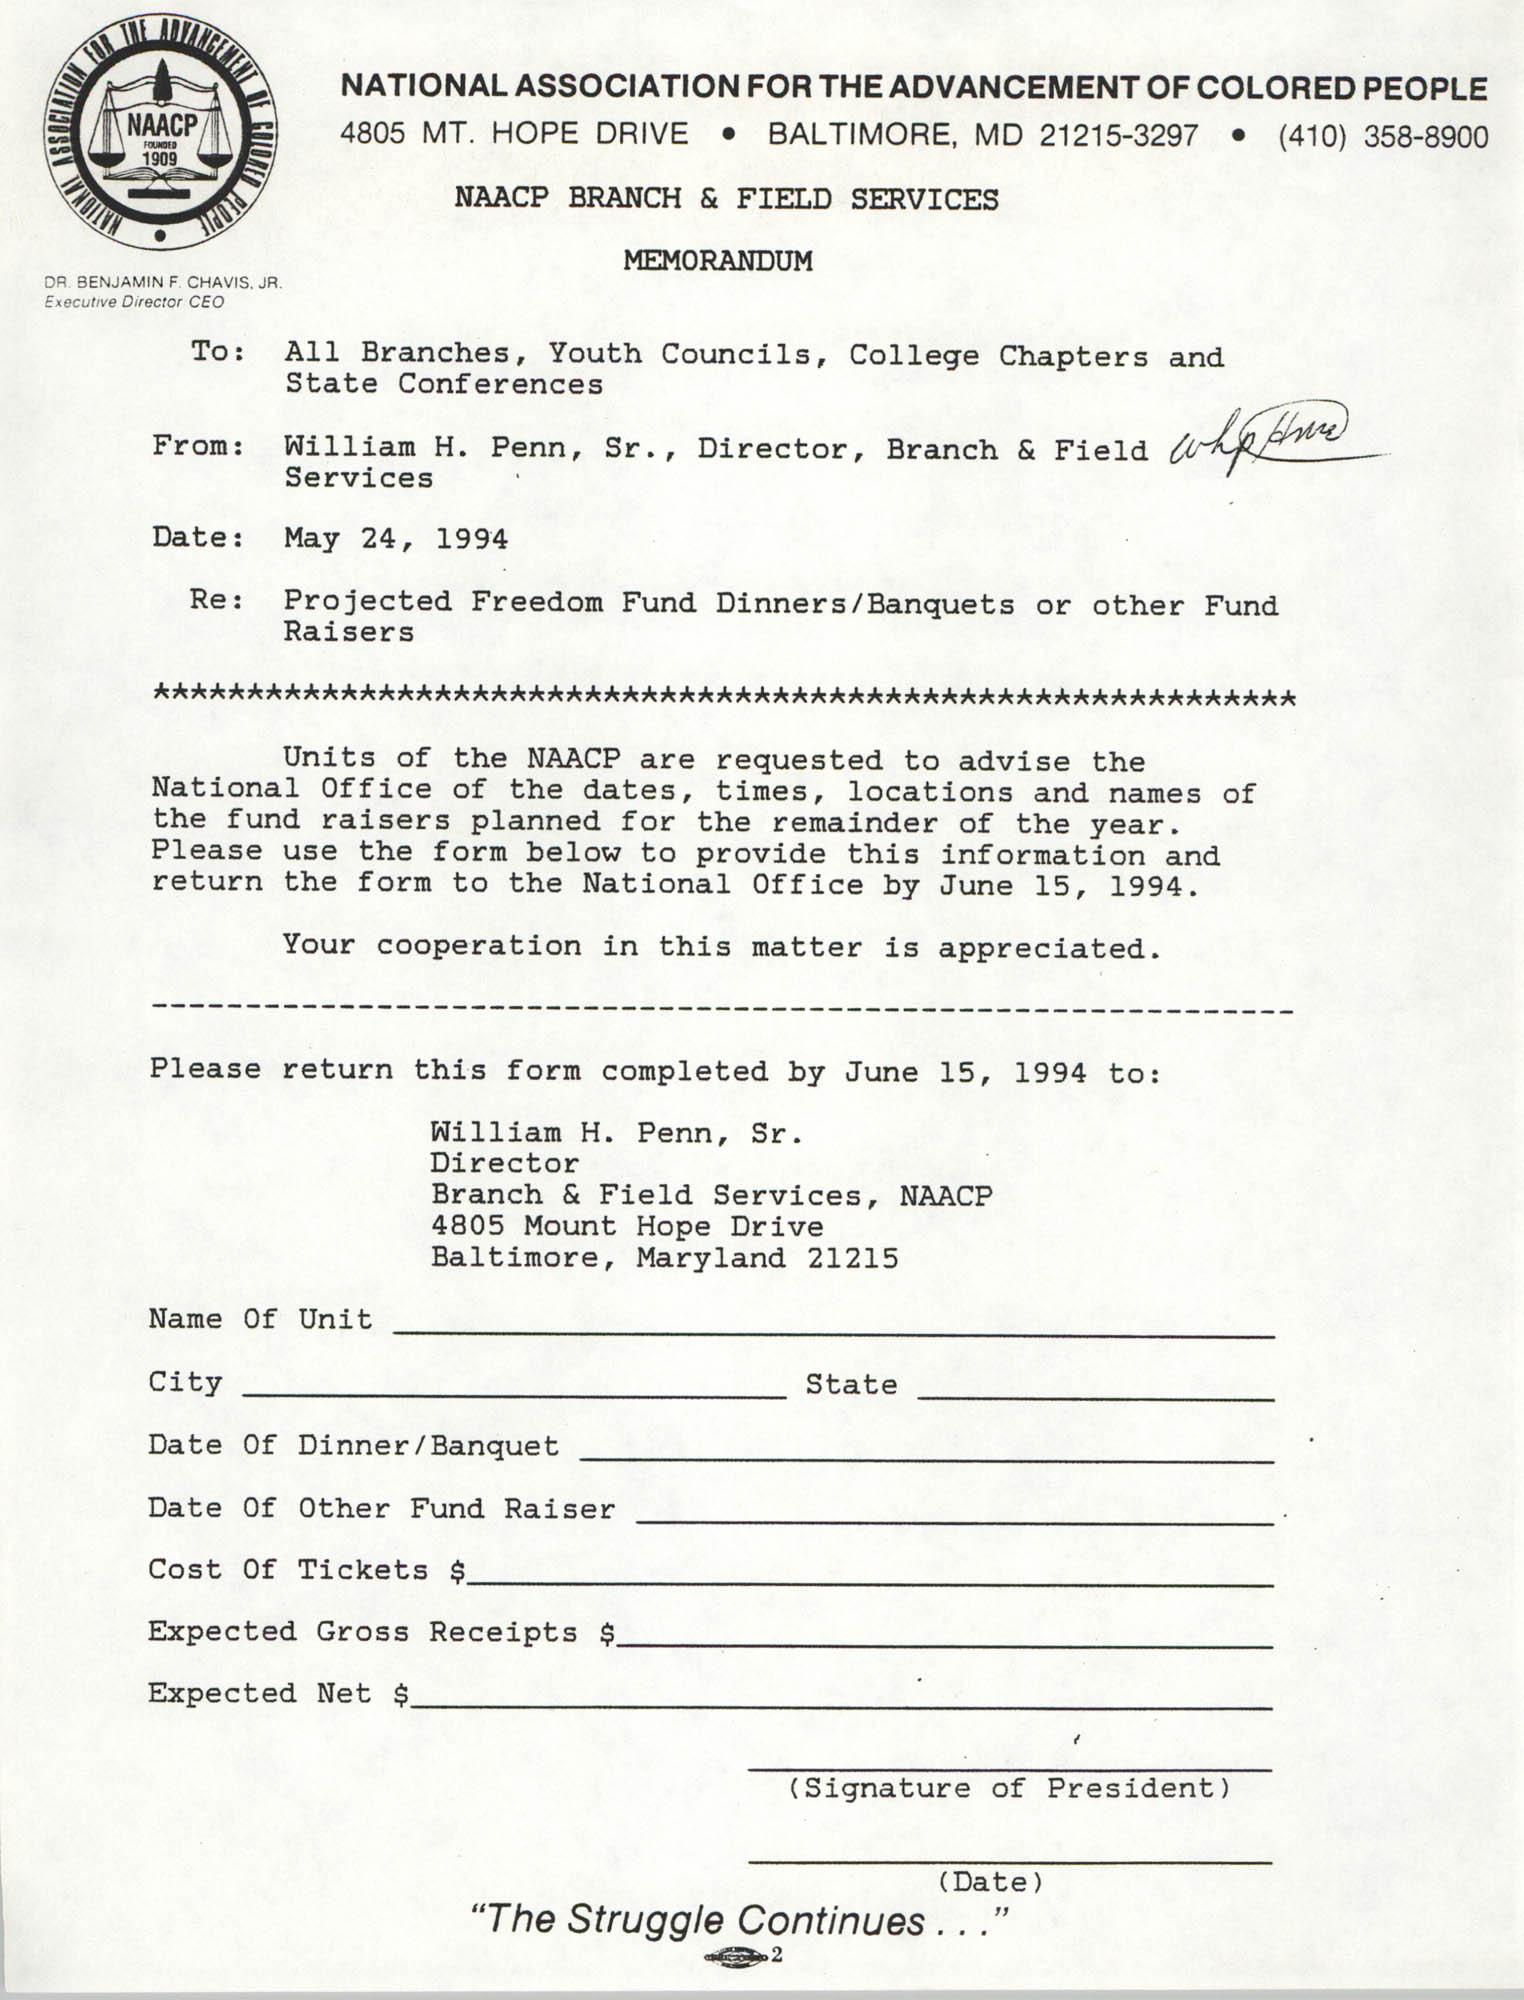 Memorandum, William H. Penn, Sr., May 24, 1994